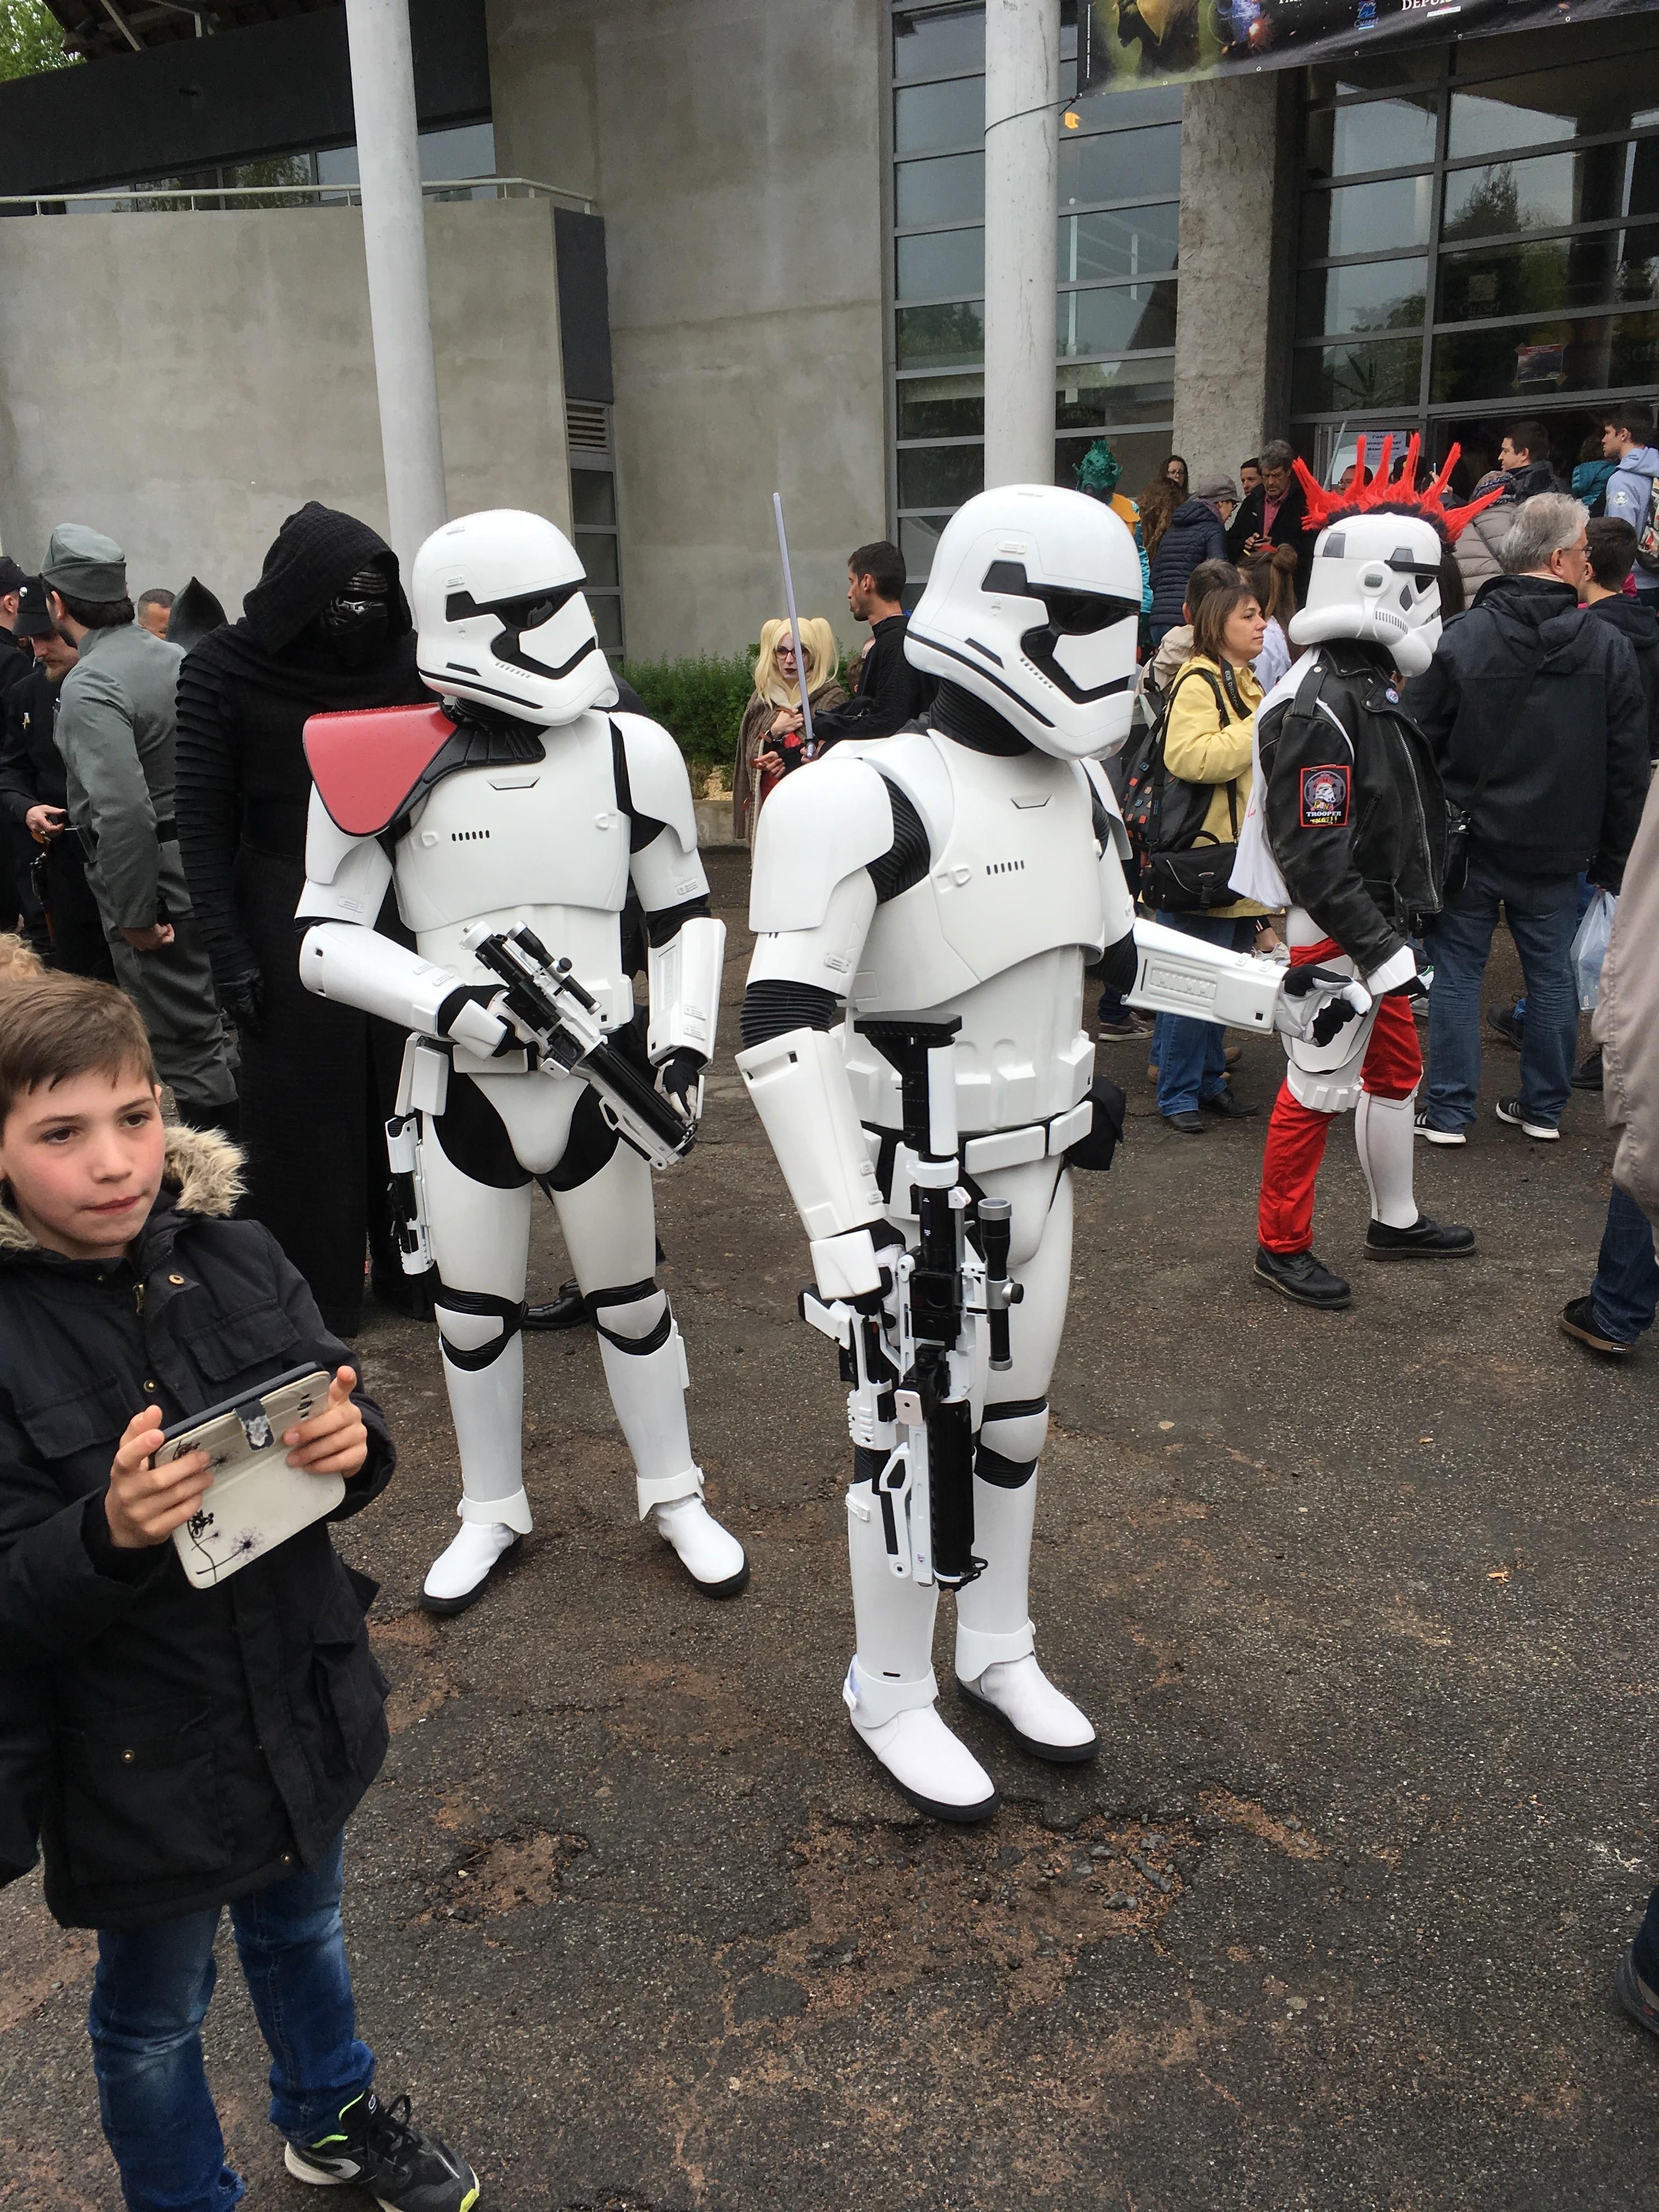 Générations Star Wars et SF 20ème édition - Cusset - 28 et 29 avril 2018 VlkmSL